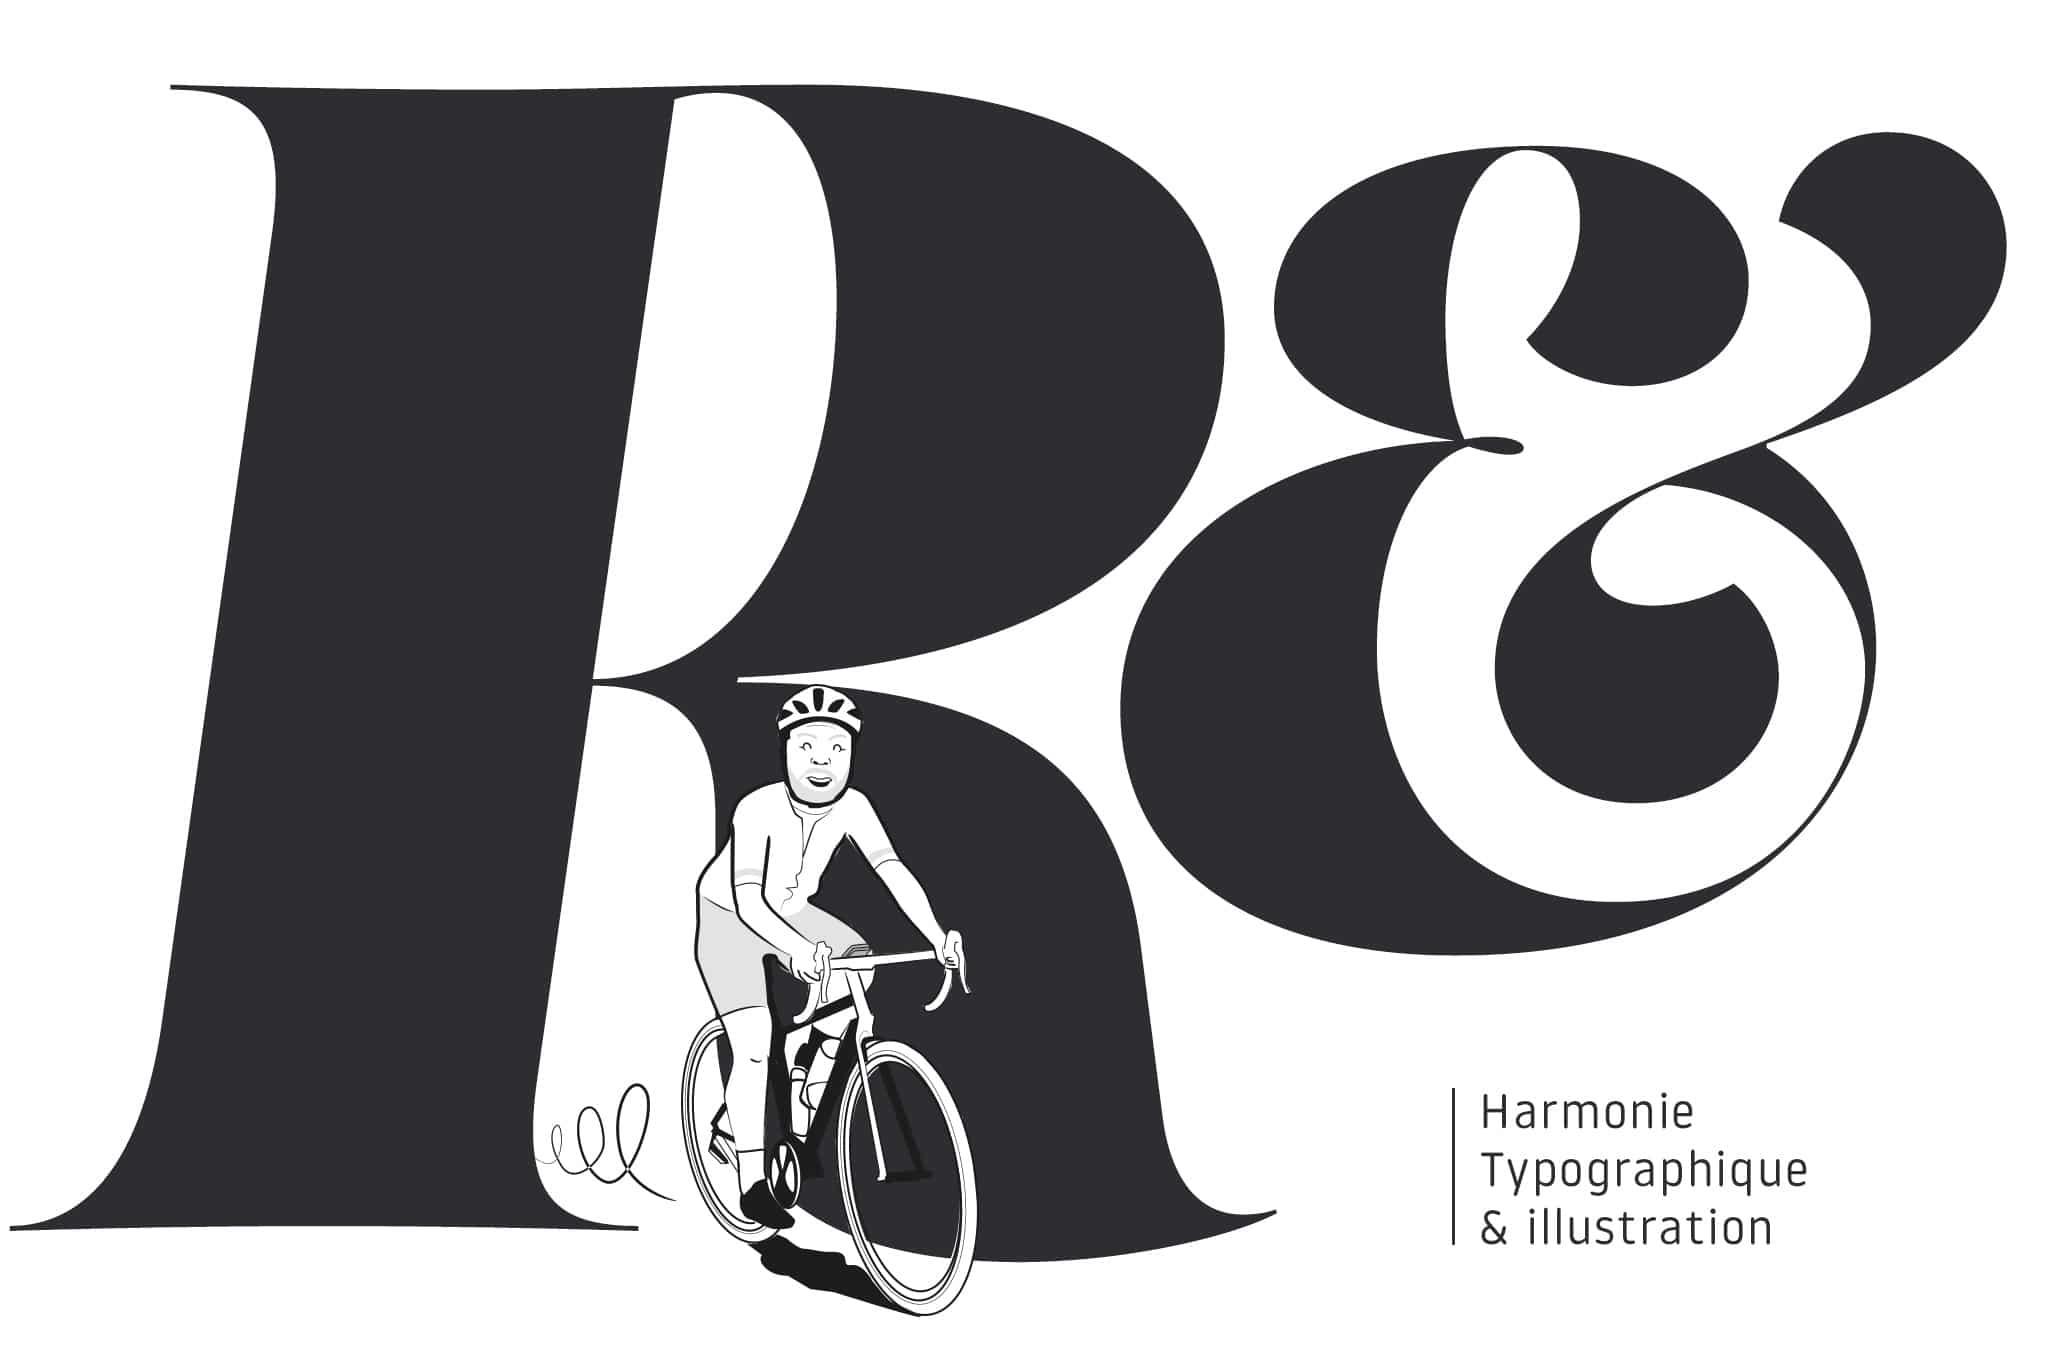 Harmonie typographique